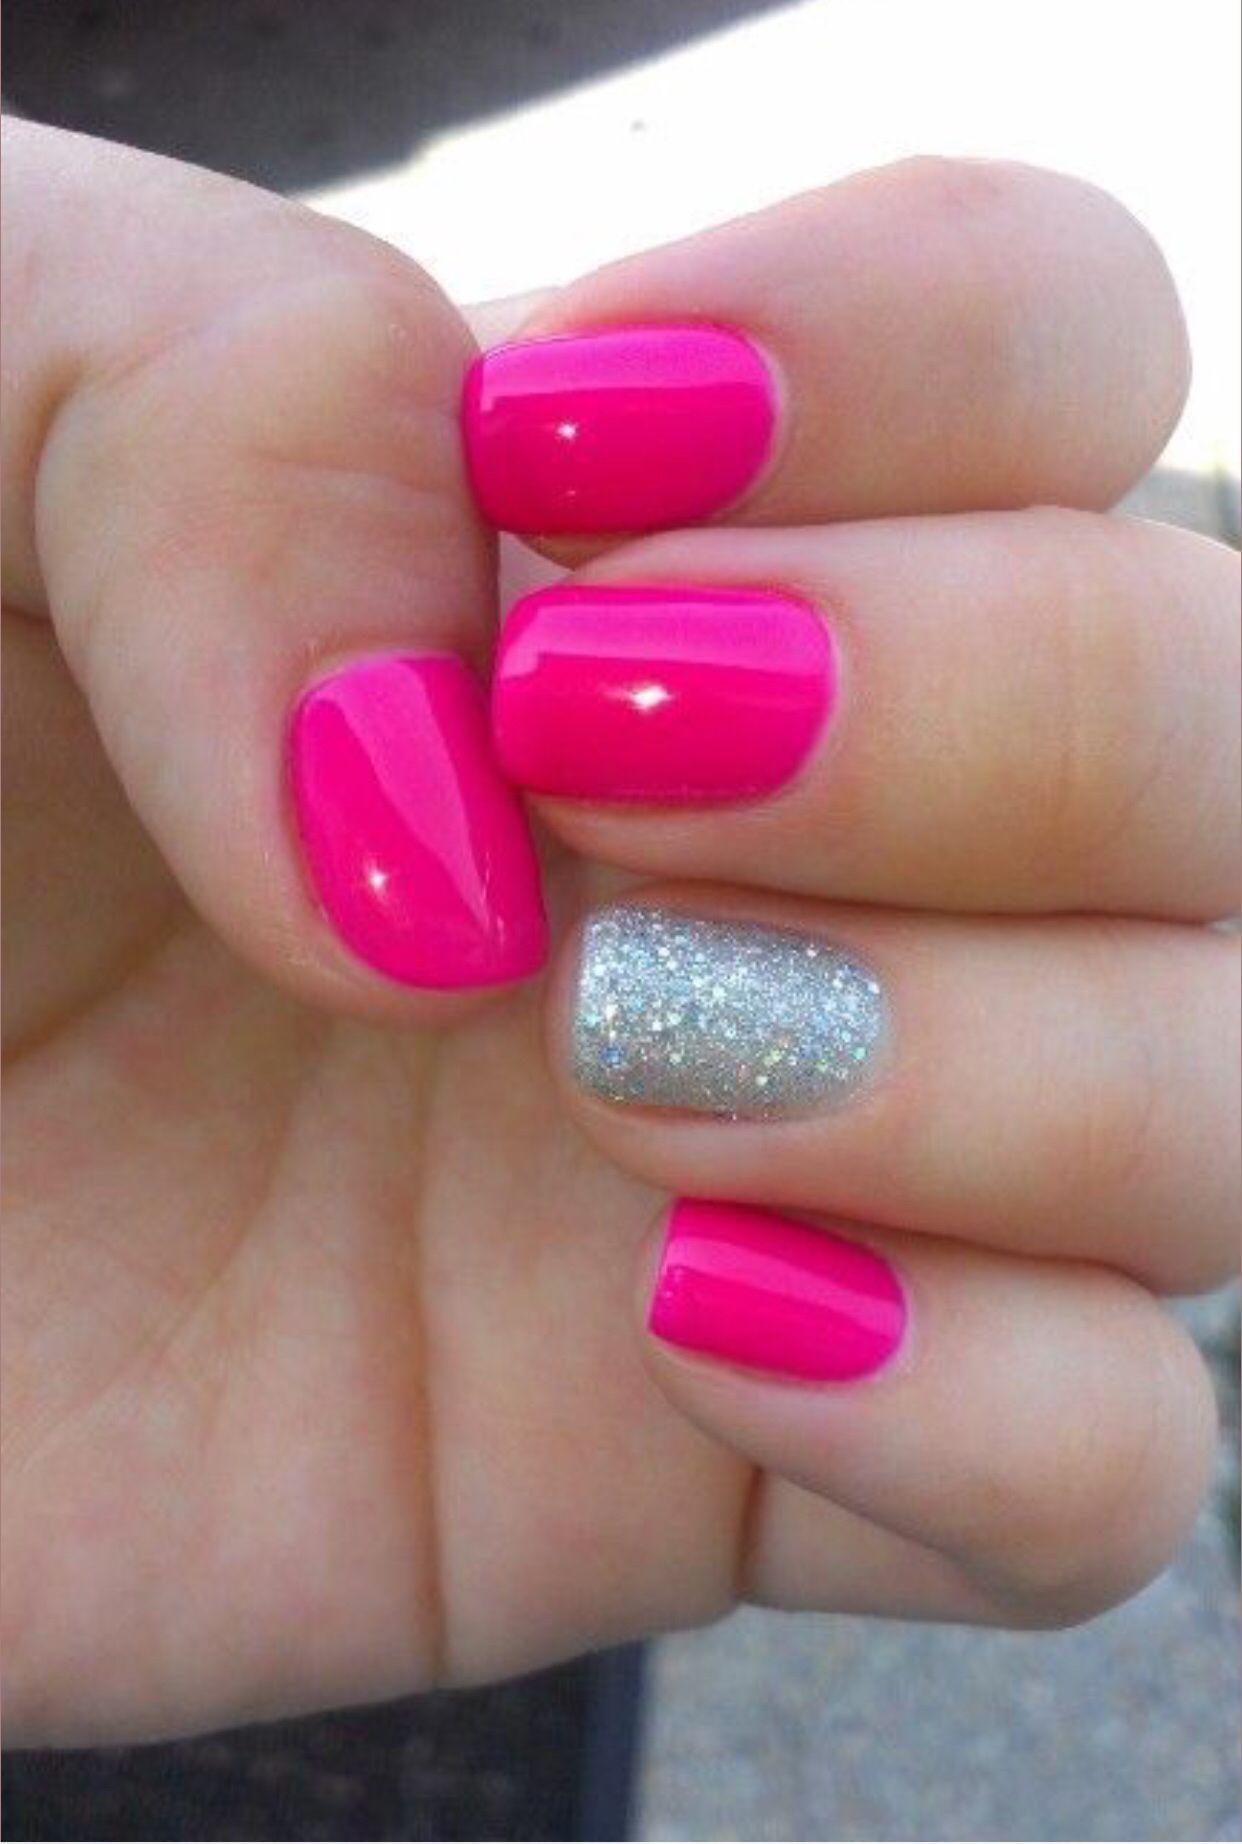 Glitter | Nails, Nails, Nails | Pinterest | Makeup, Nail nail and ...